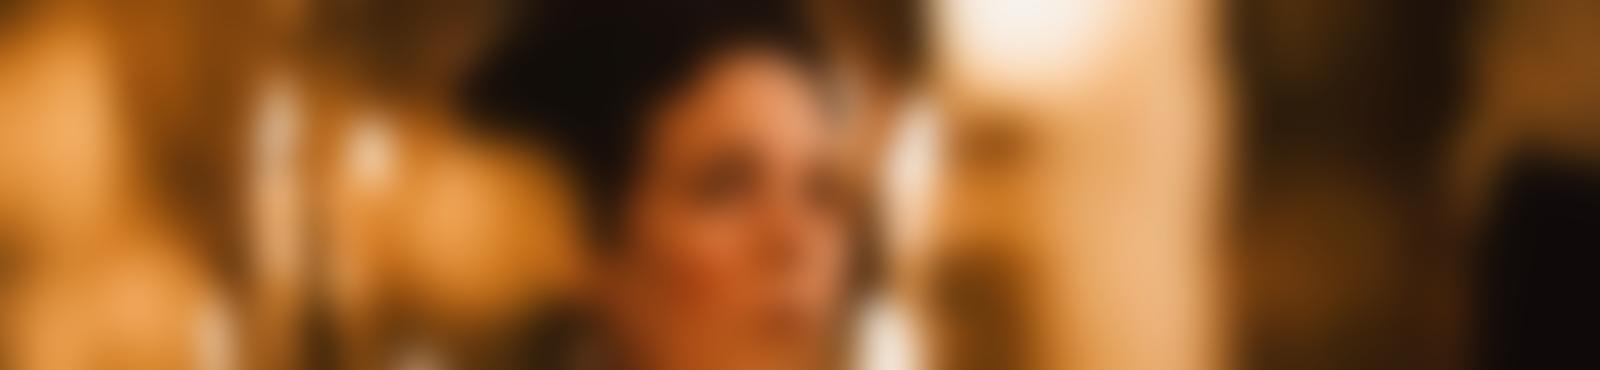 Blurred 3c4c11d0 dd60 4ee1 8db7 b6203f07a91d